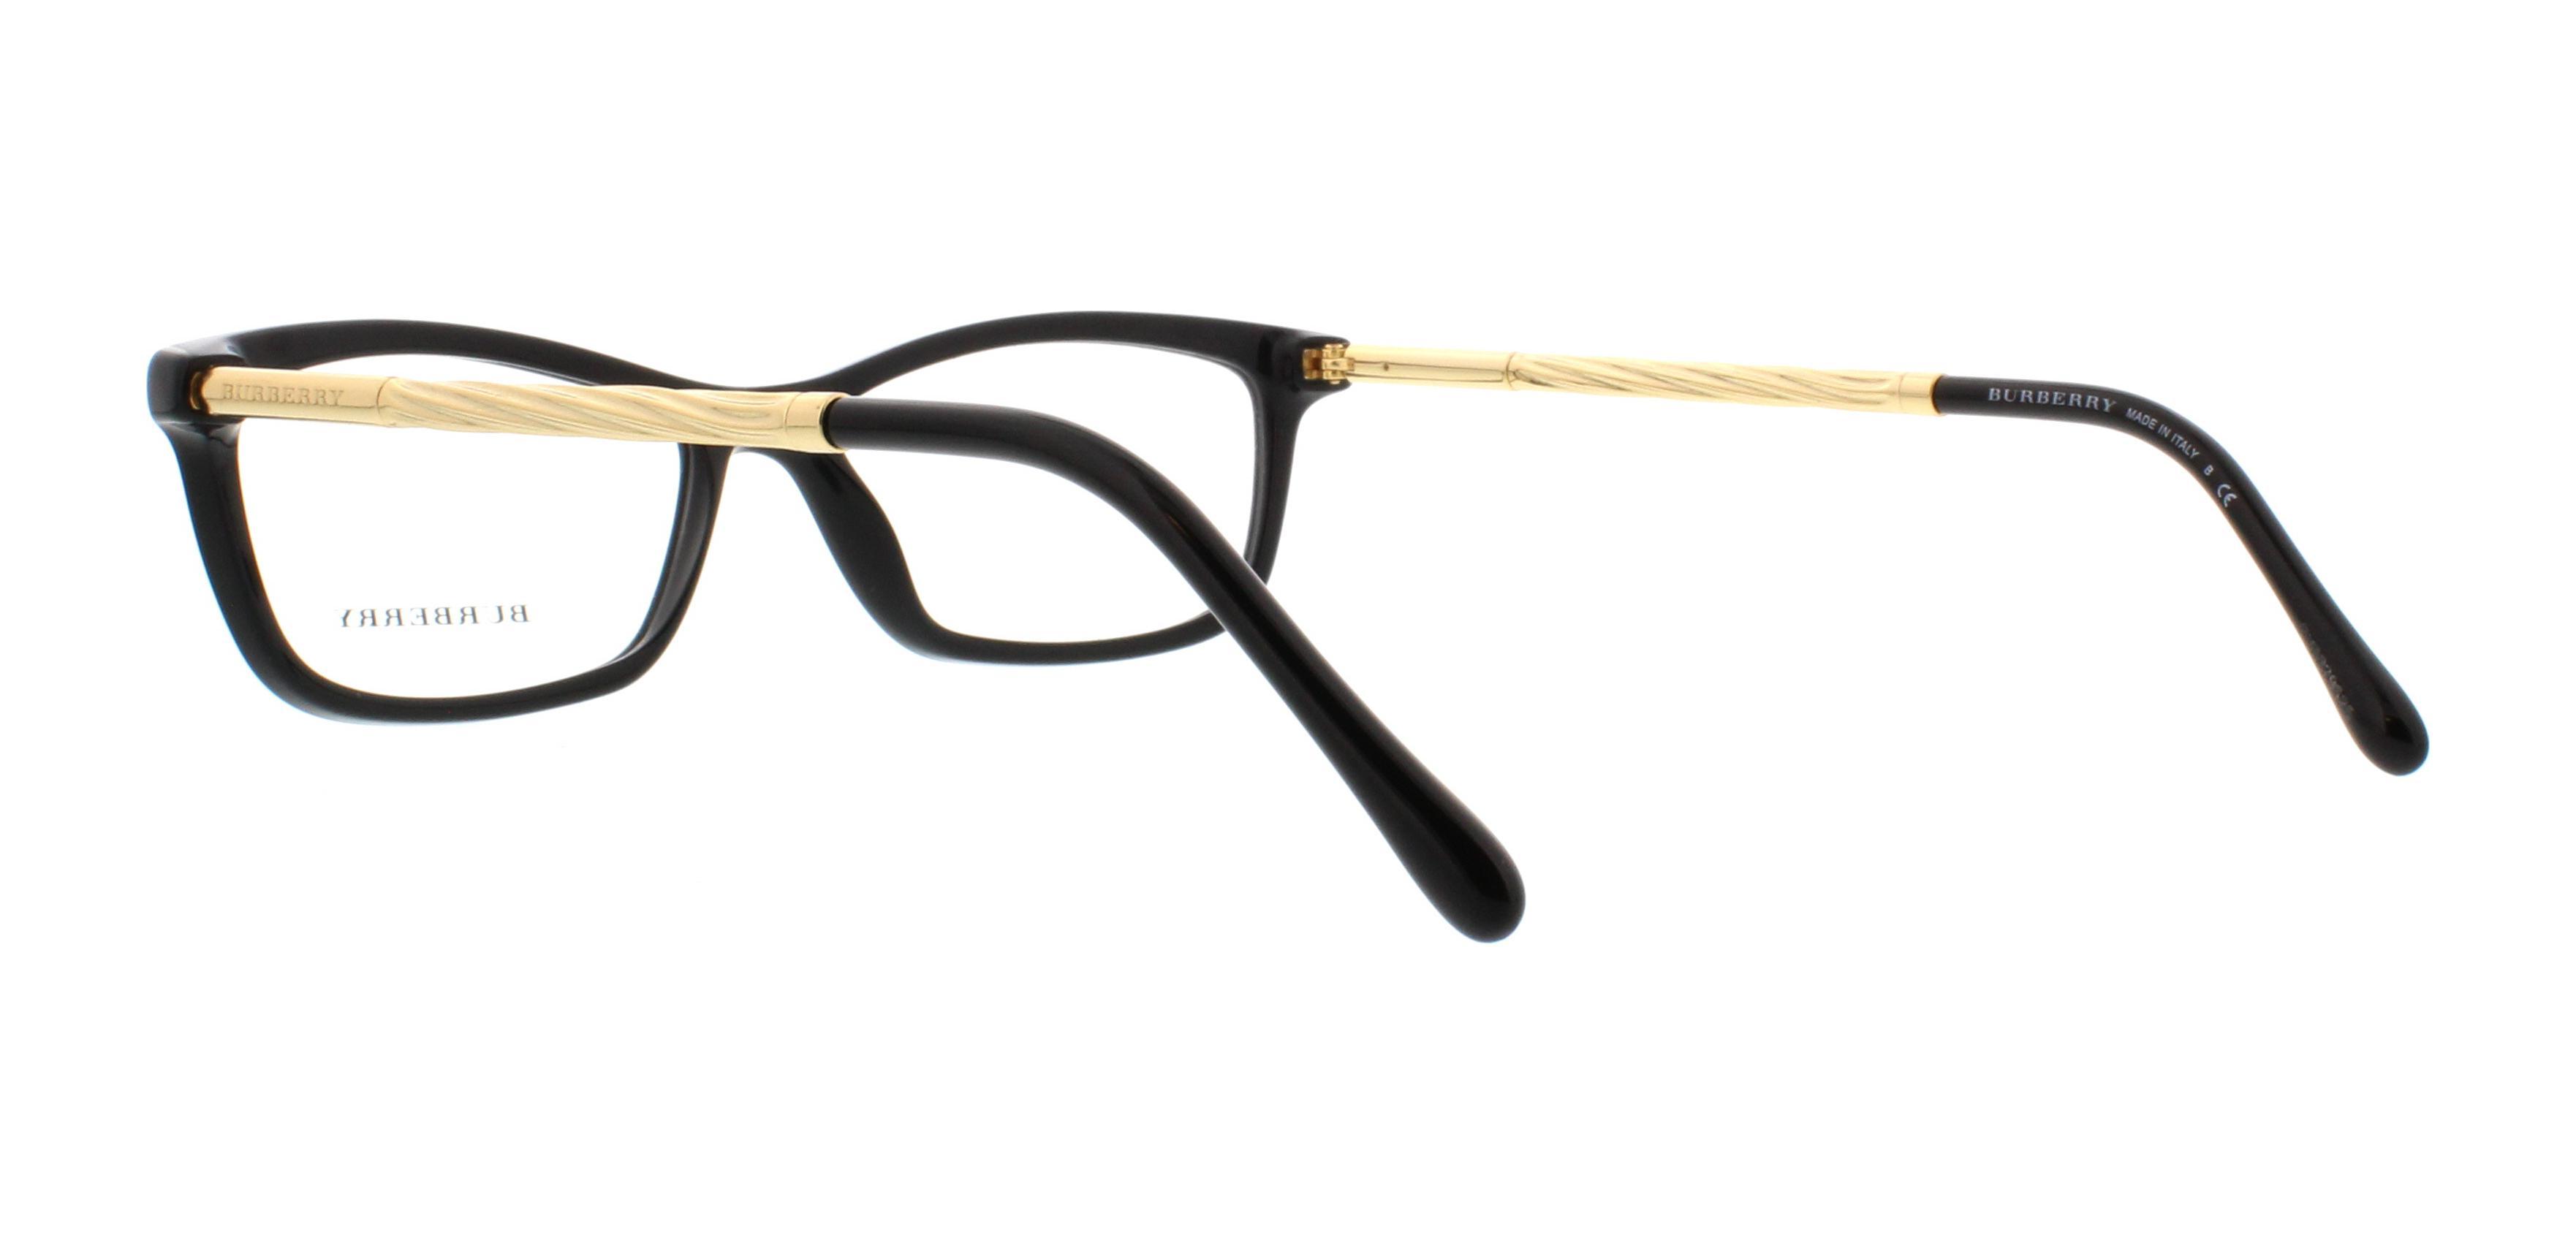 35f5d6174fc Designer frames outlet burberry jpg 3524x1716 Burberry eyeglasses women